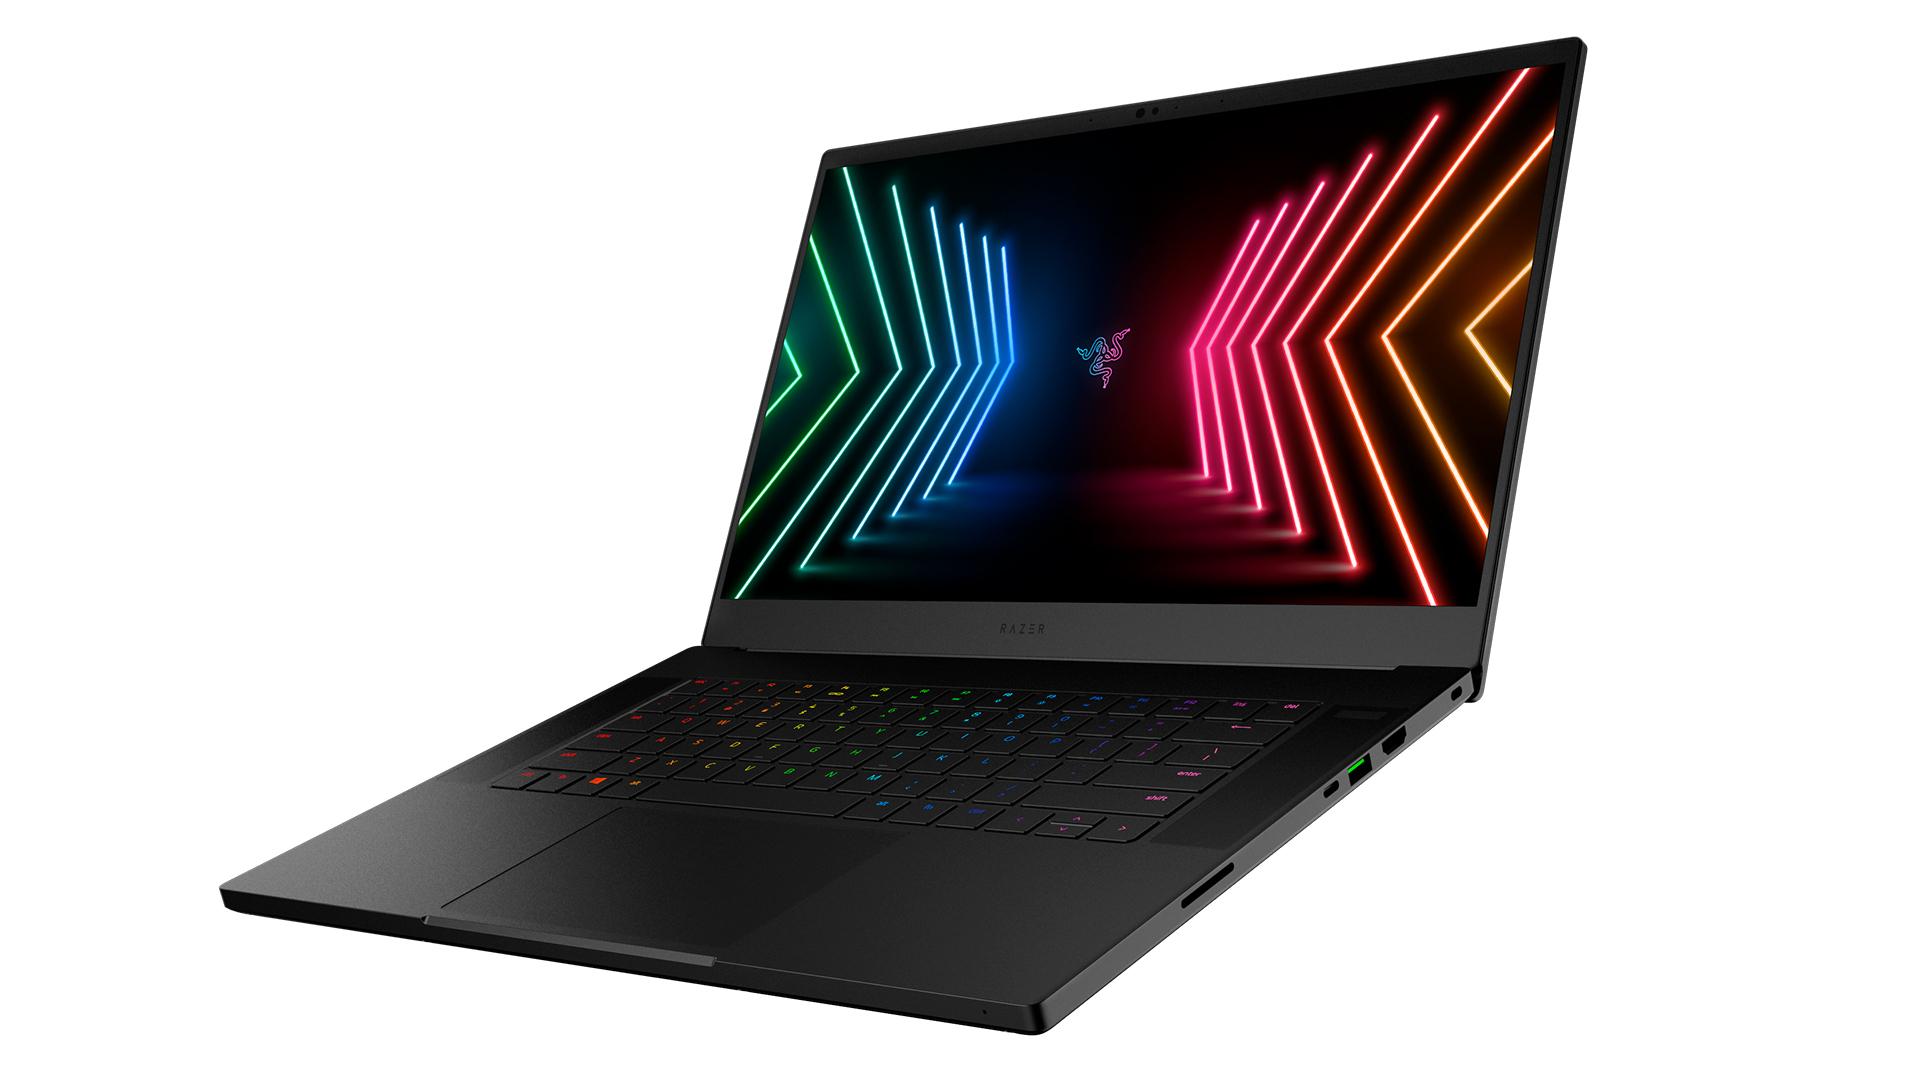 razer blade 15 gaming laptop 2021